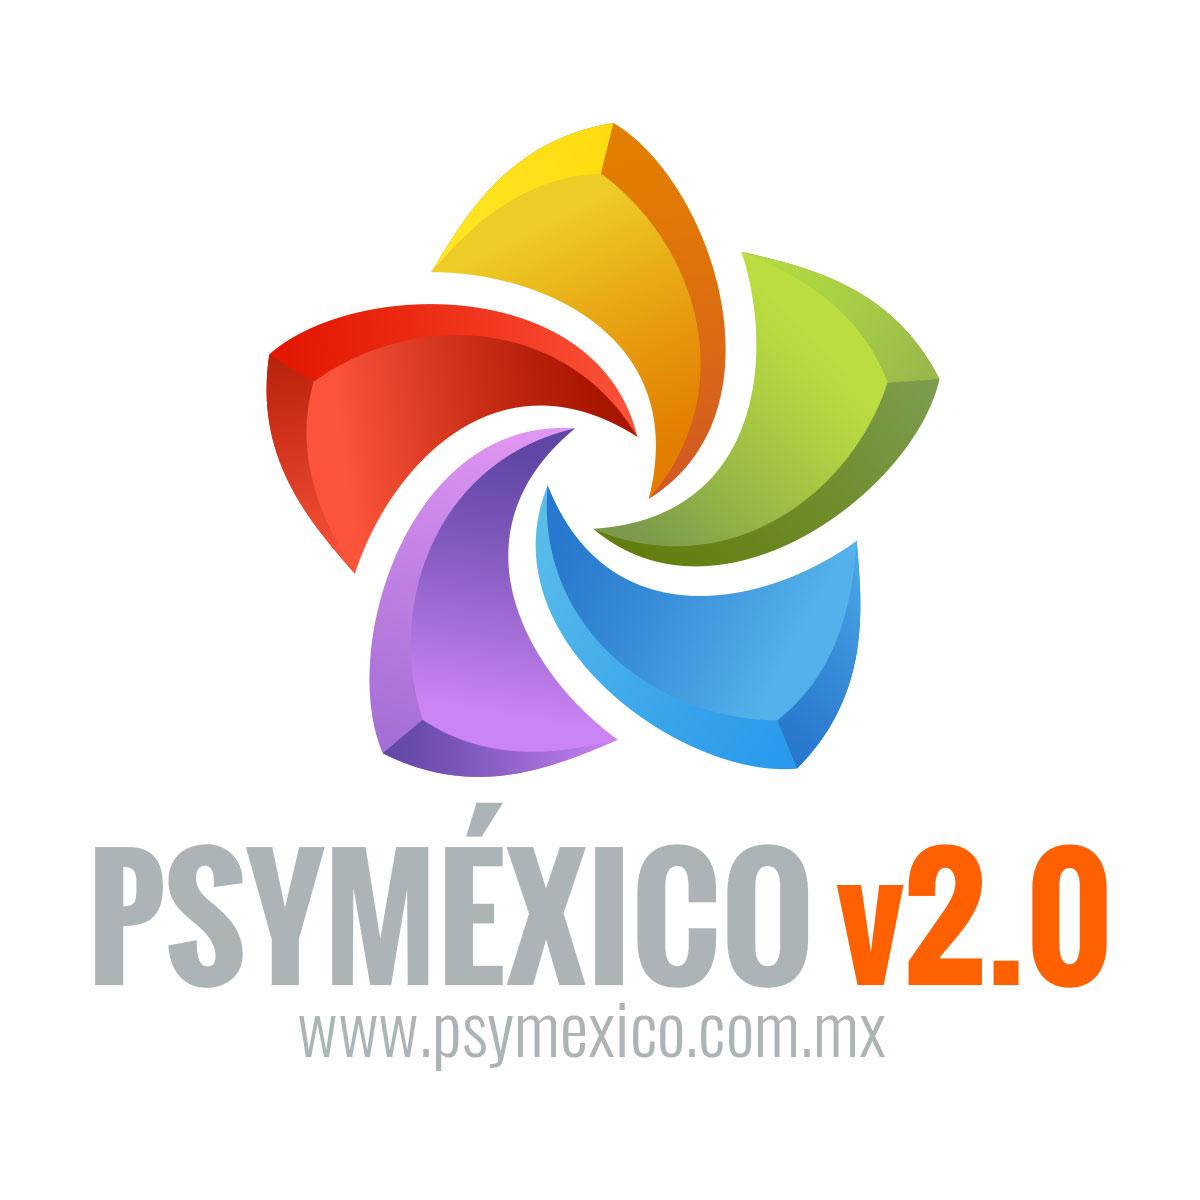 PsyMéxico v2.0 (Logo)